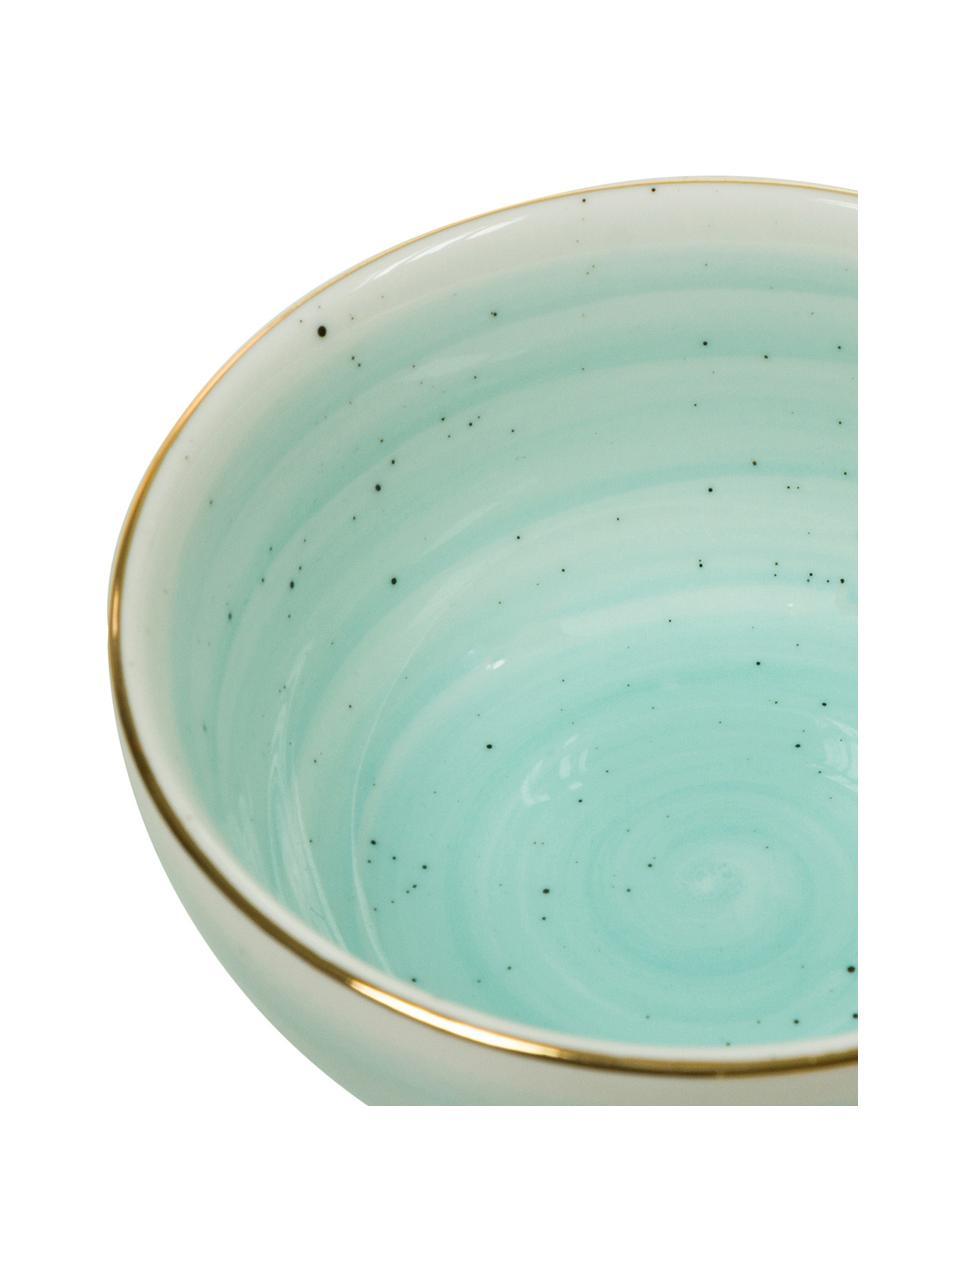 Handgemachte Schälchen Bella mit Goldrand, 2 Stück, Porzellan, Türkisblau, Ø 10 x H 6 cm